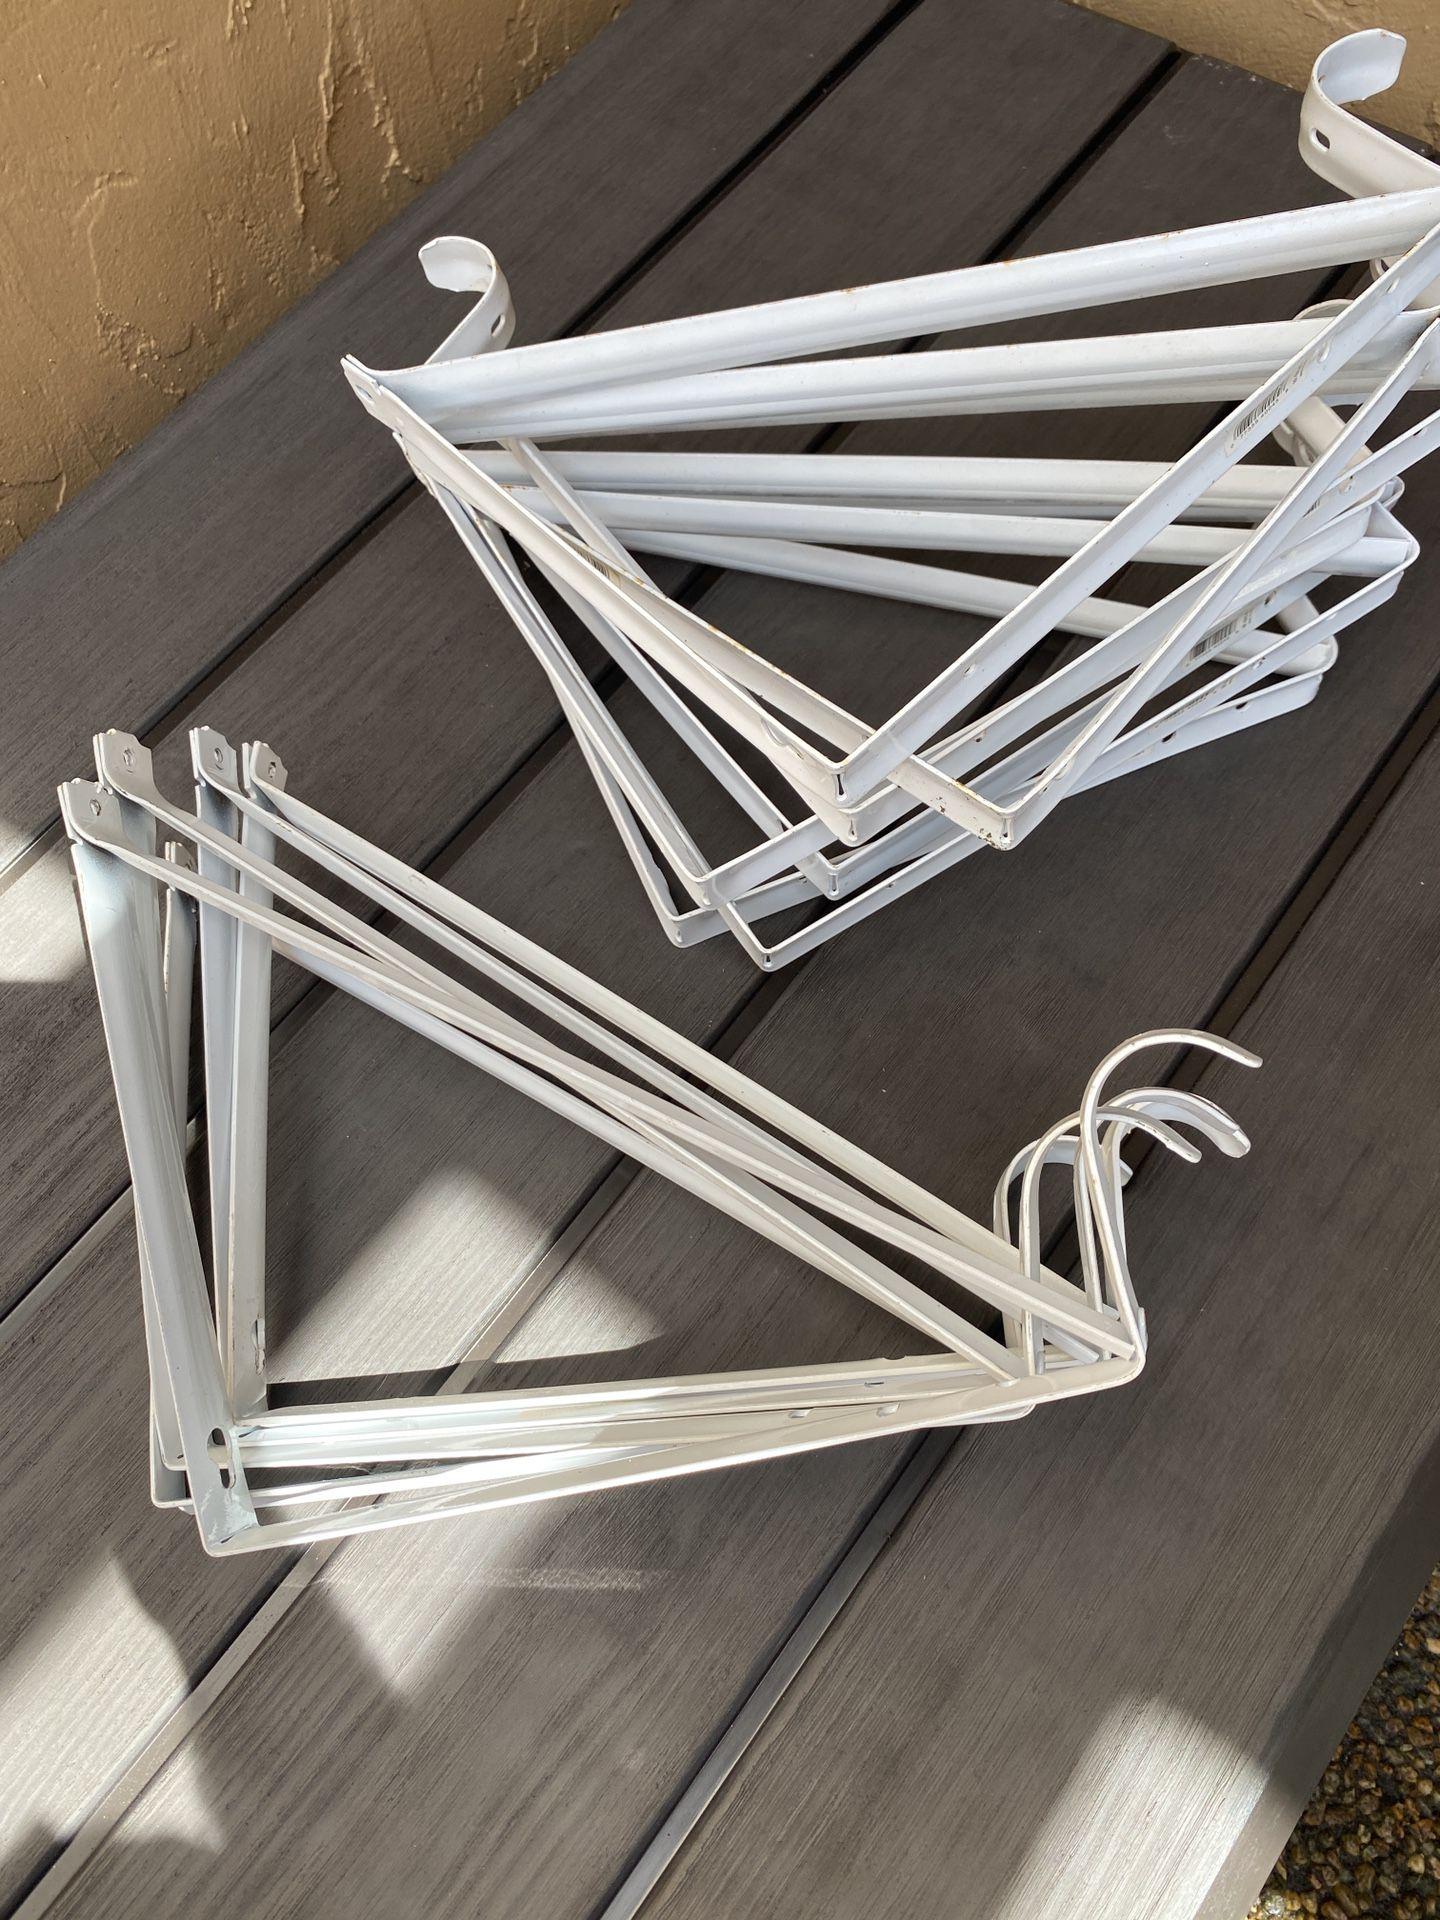 White Heavy-Duty Shelf Bracket and Rod Support